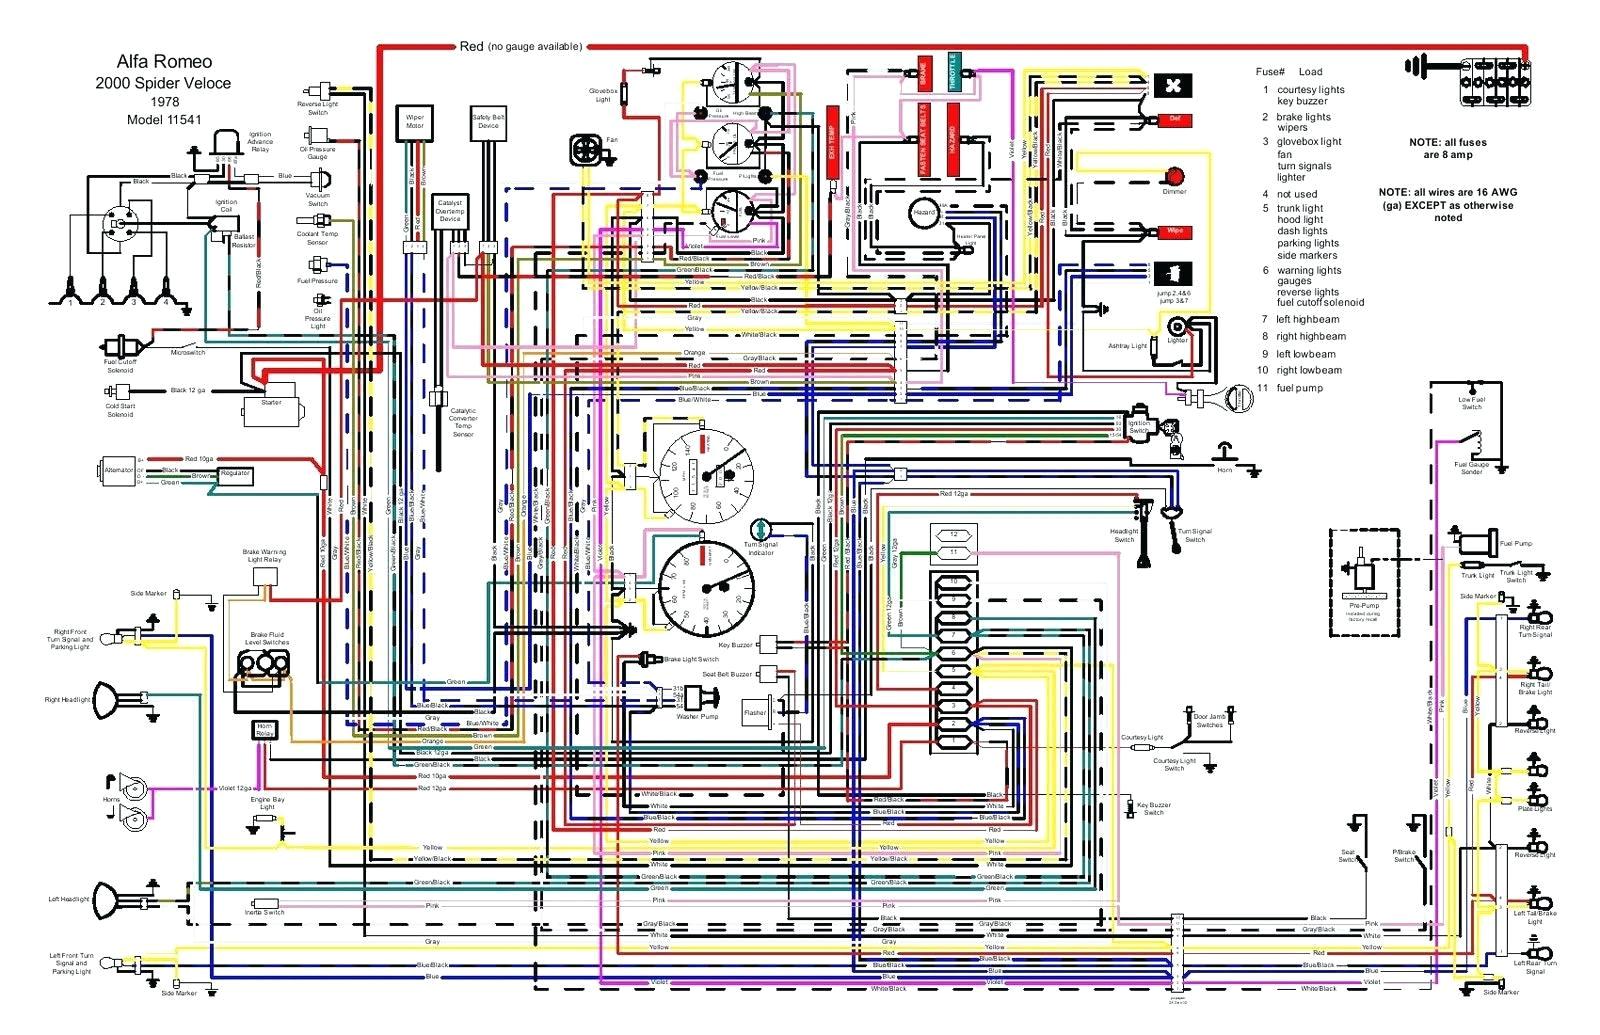 automotive wiring schematics wiring diagrams active auto gate wiring diagram pdf auto wiring diagram pdf